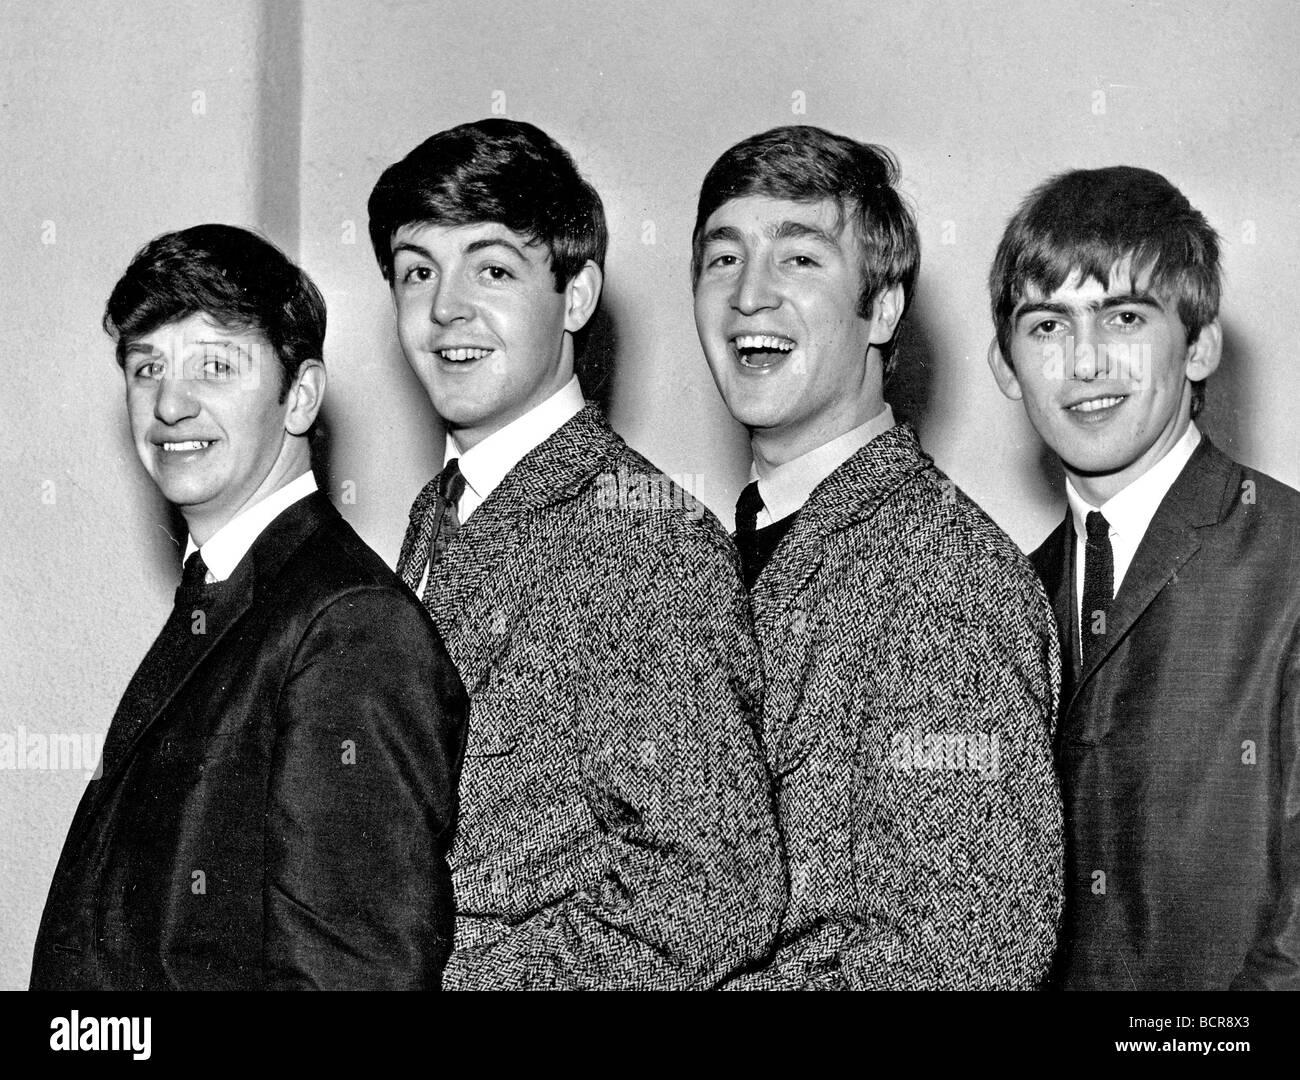 BEATLES in 1962 from left Ringo Starr Paul McCartney John Lennon and George Harrison - Stock Image